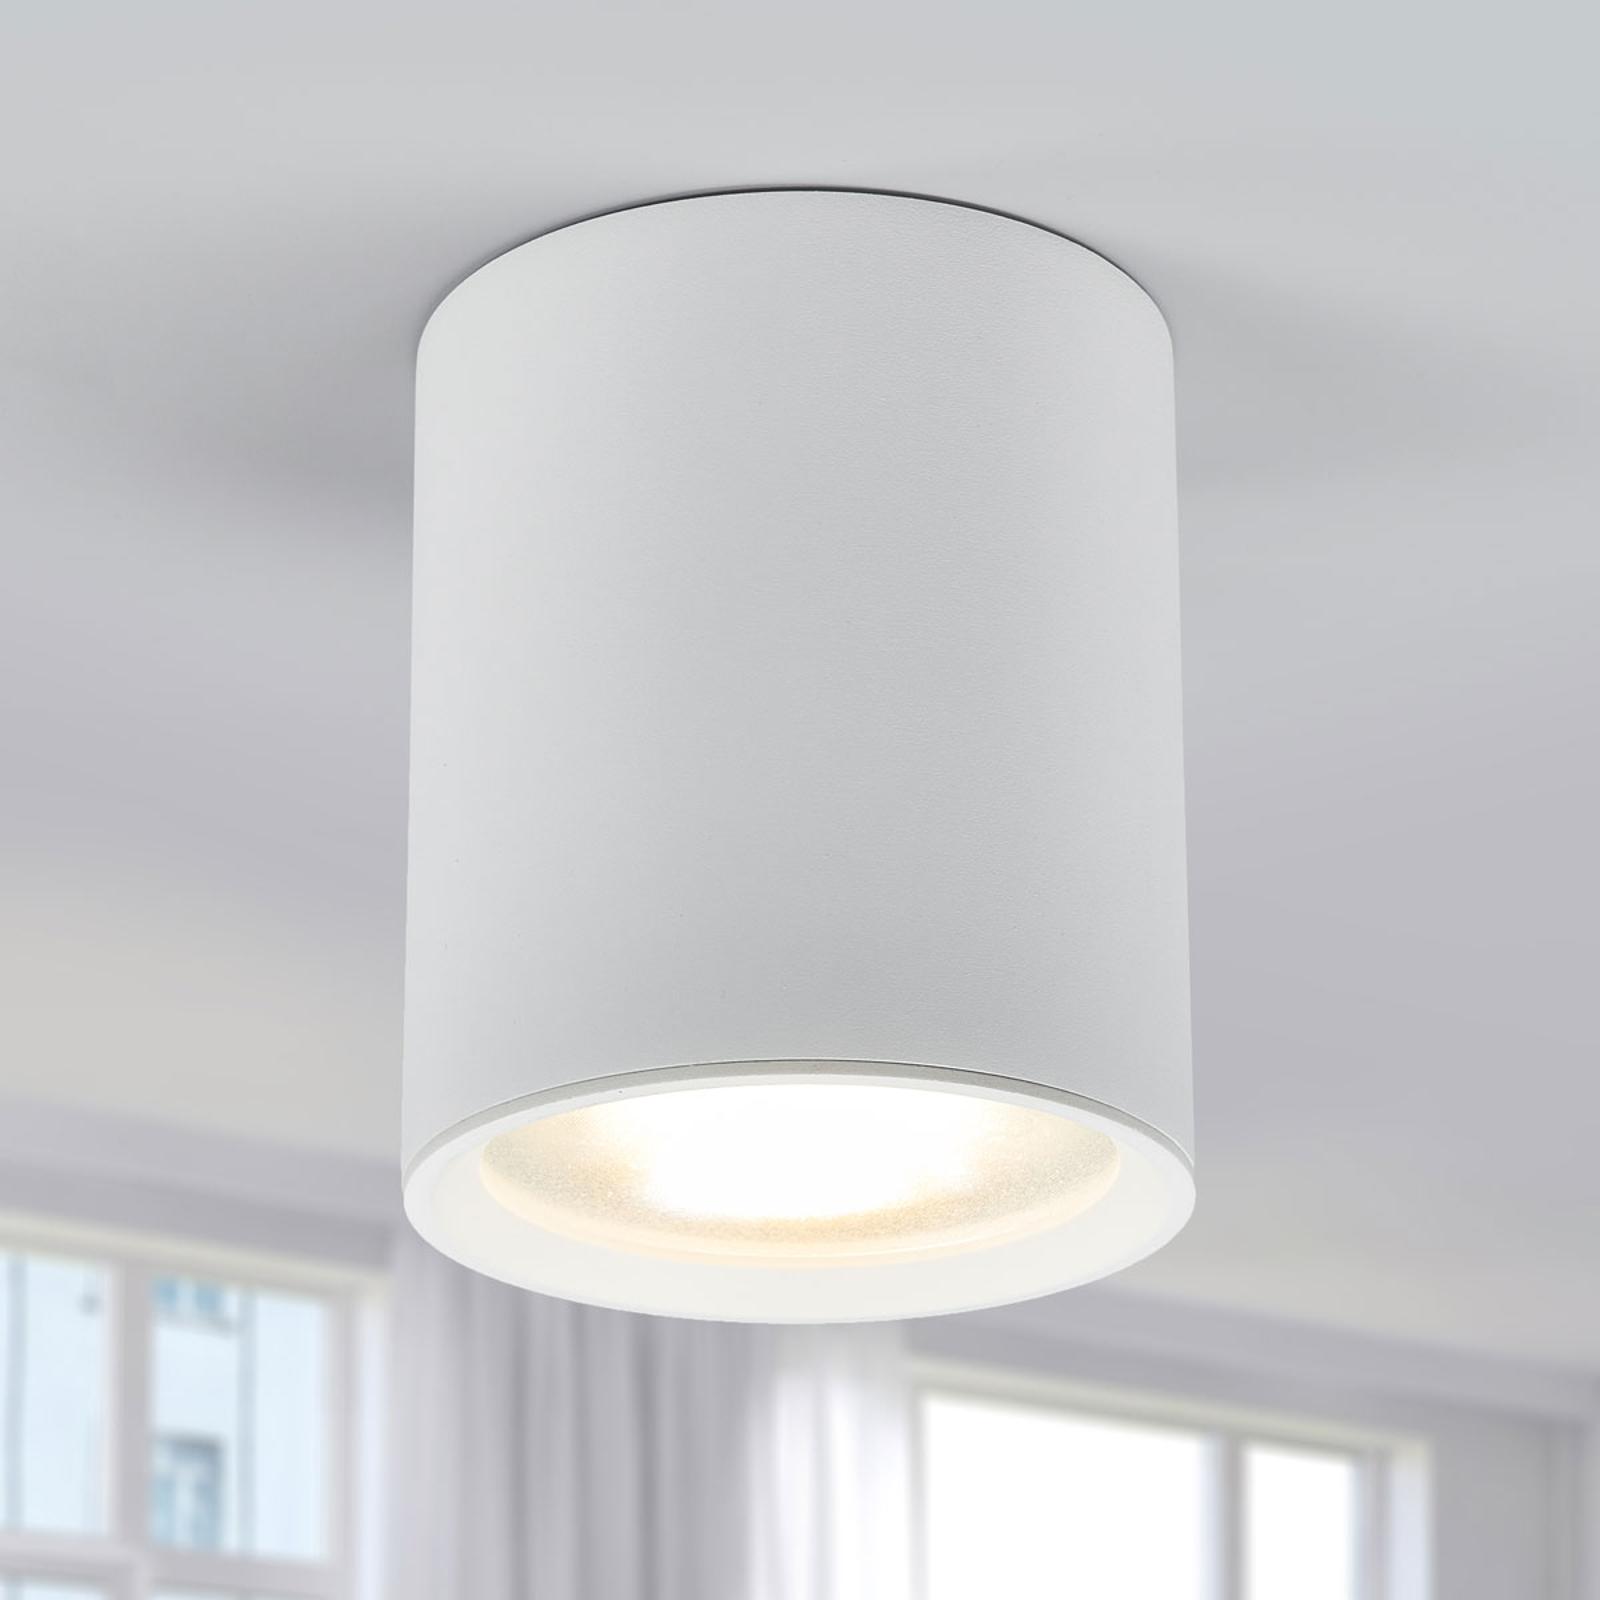 LED-taklampe Benk, 13 cm, 12,3 W